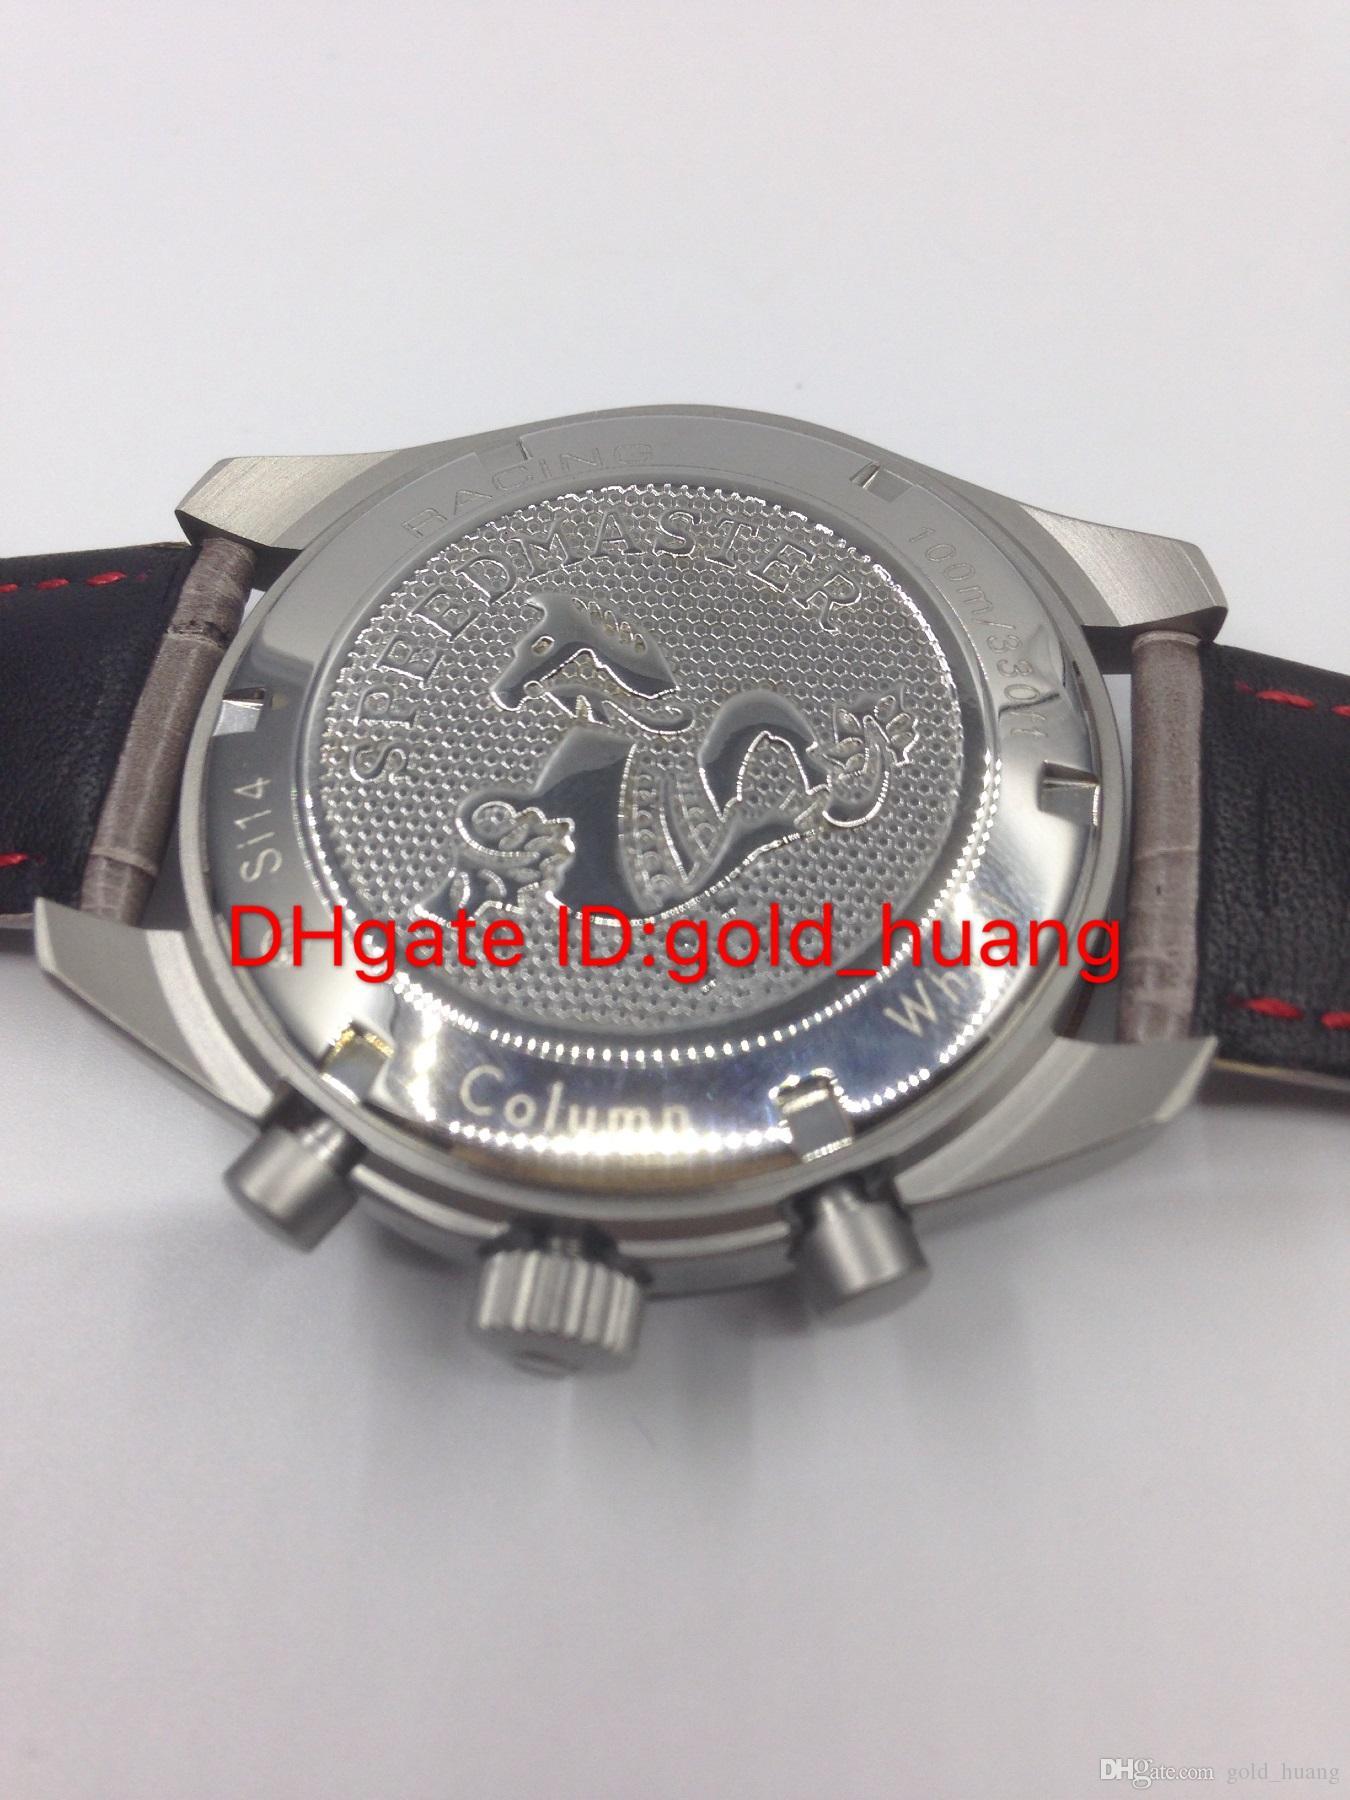 lujo Edición limitada de retorno Hombres Reloj deportivo cuarzo cronógrafo cristal de zafiro de alta calidad Watchesluxury Edición limitada de retorno